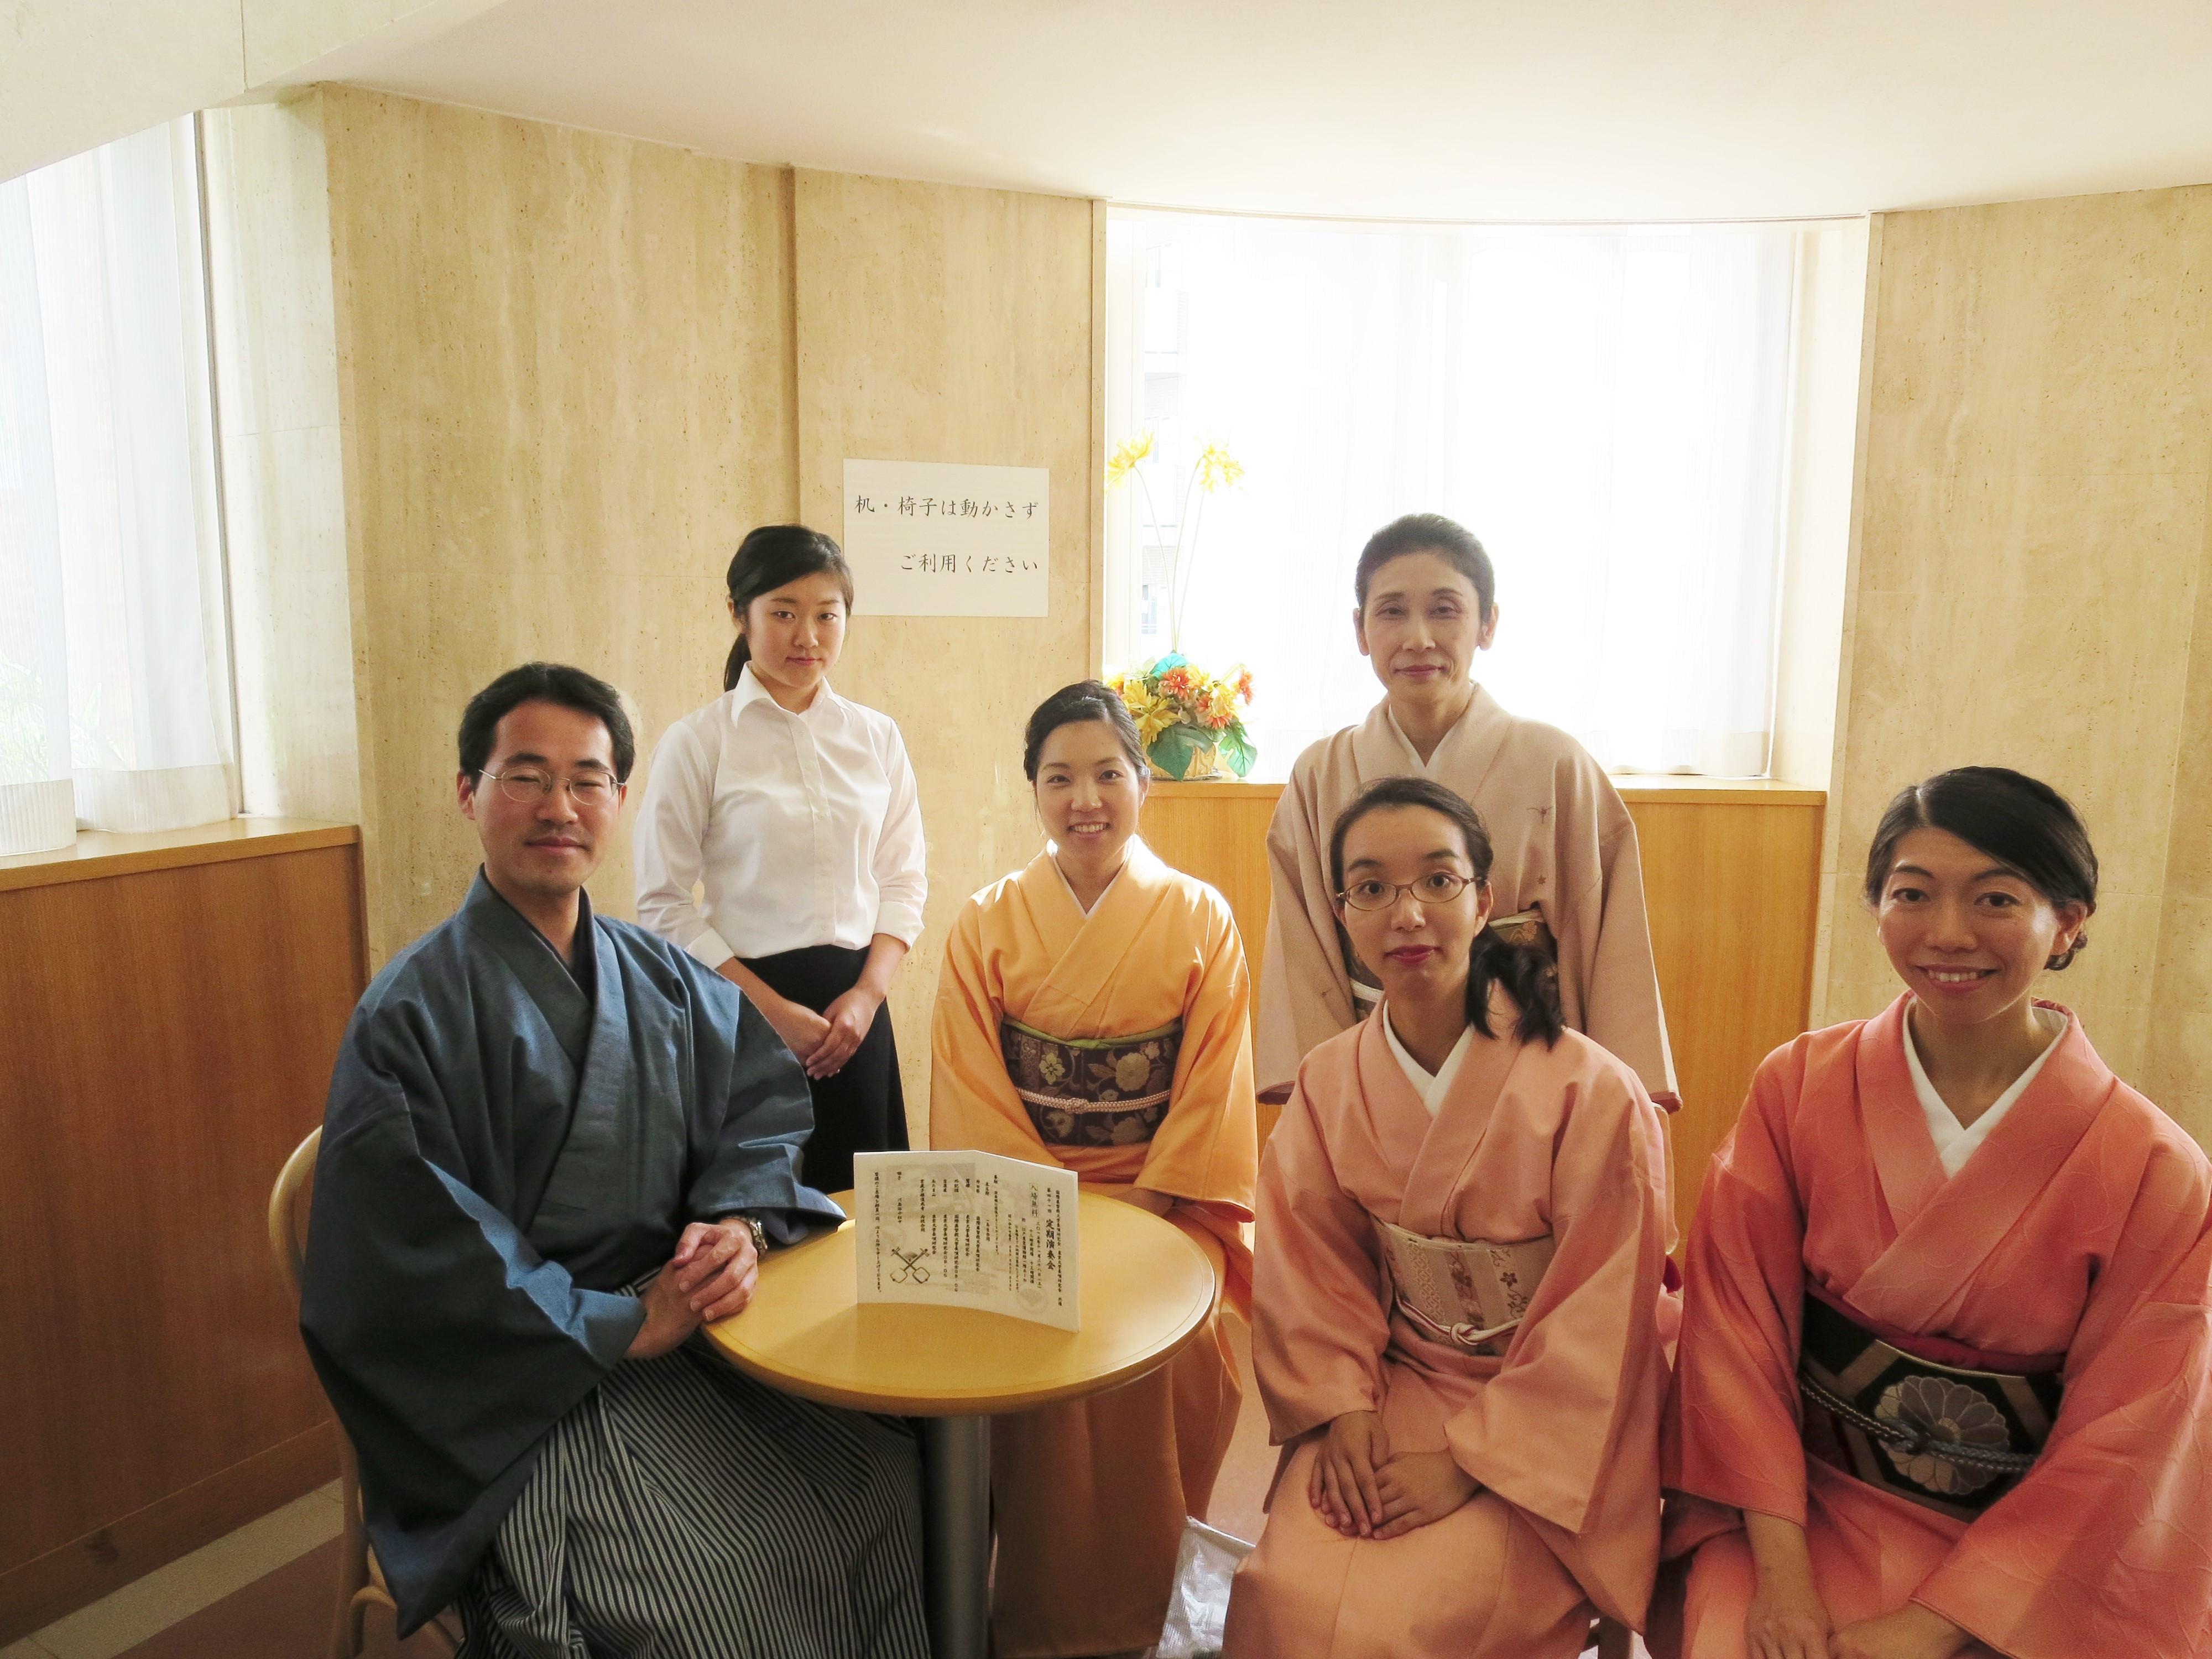 ▲ICU長唄研究会の卒業生の皆様。左から、山下さん(ID 04)、佐野さん(ID 18)、鈴木さん(ID 08)、新原さん(ID 78)、加藤さん(ID 09)、渡邊さん(ID 01)